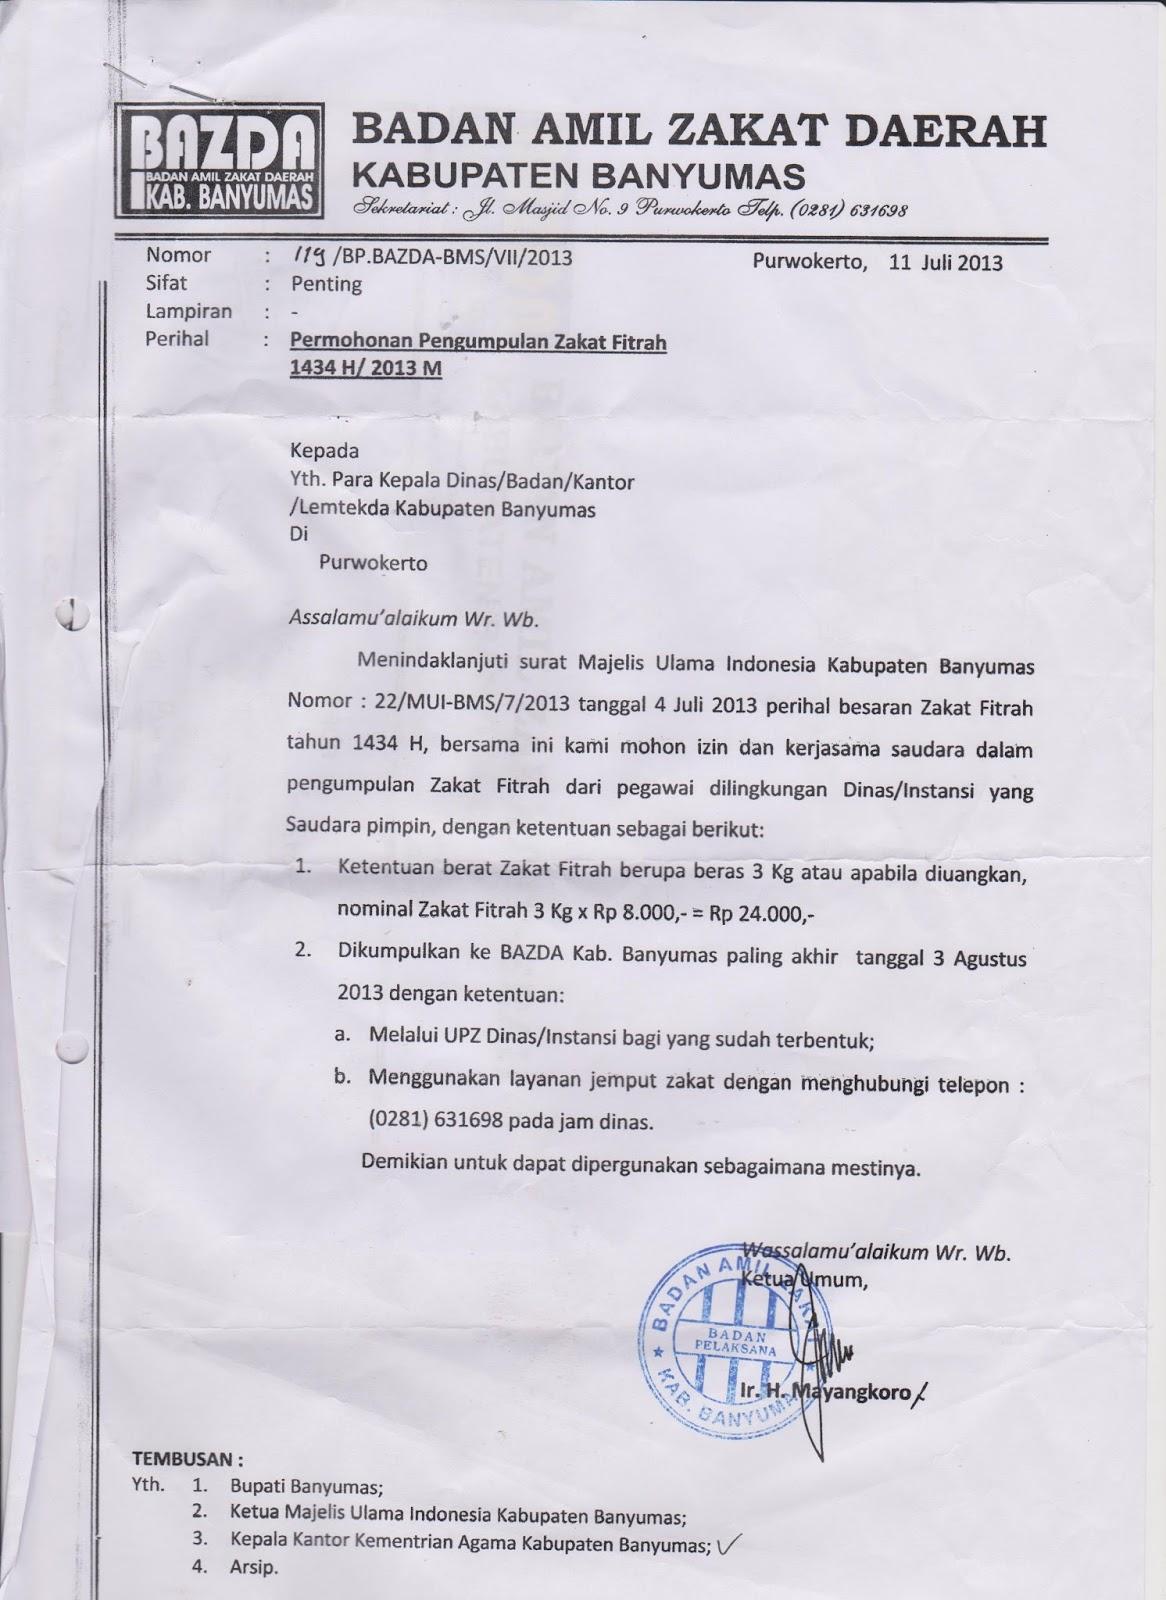 Surat Permohonan Zakat Fitrah Suratmenuhargacom